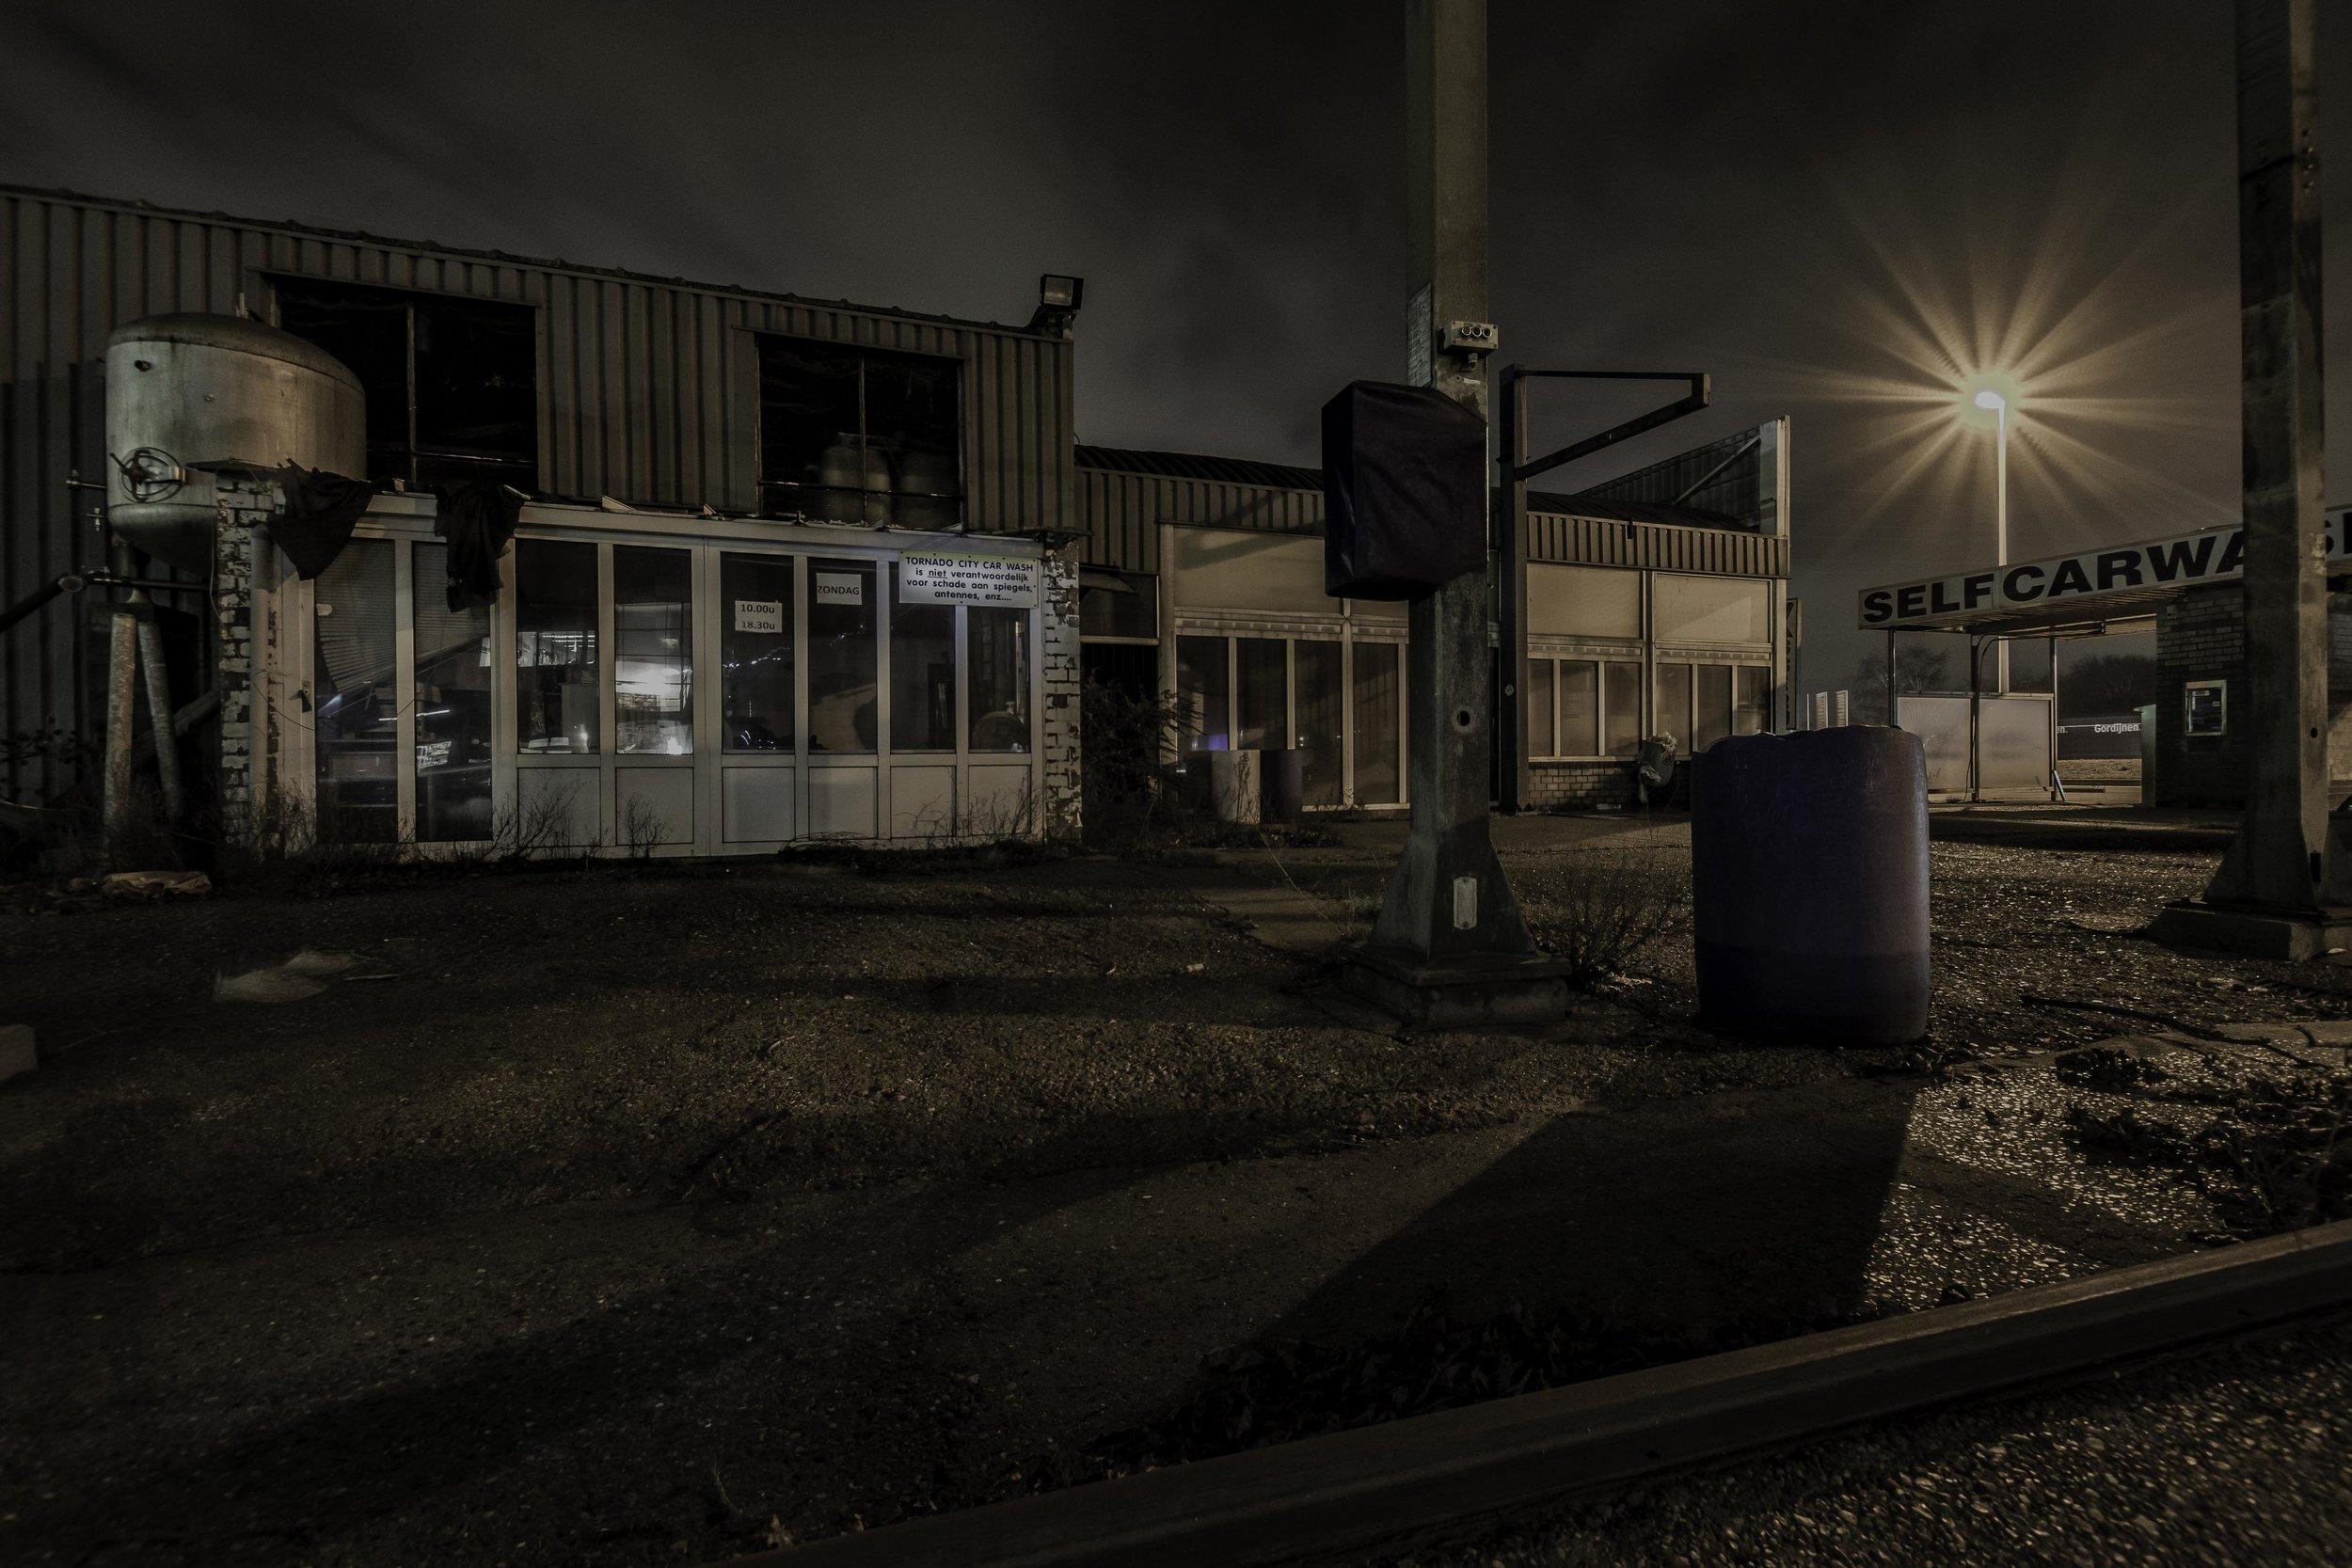 viewfinder-creativeboody-sven-van-santvliet-urbexfotografie-antwerpen-nachtfotografie-avondfotografie-verlaten-gebouwen-4